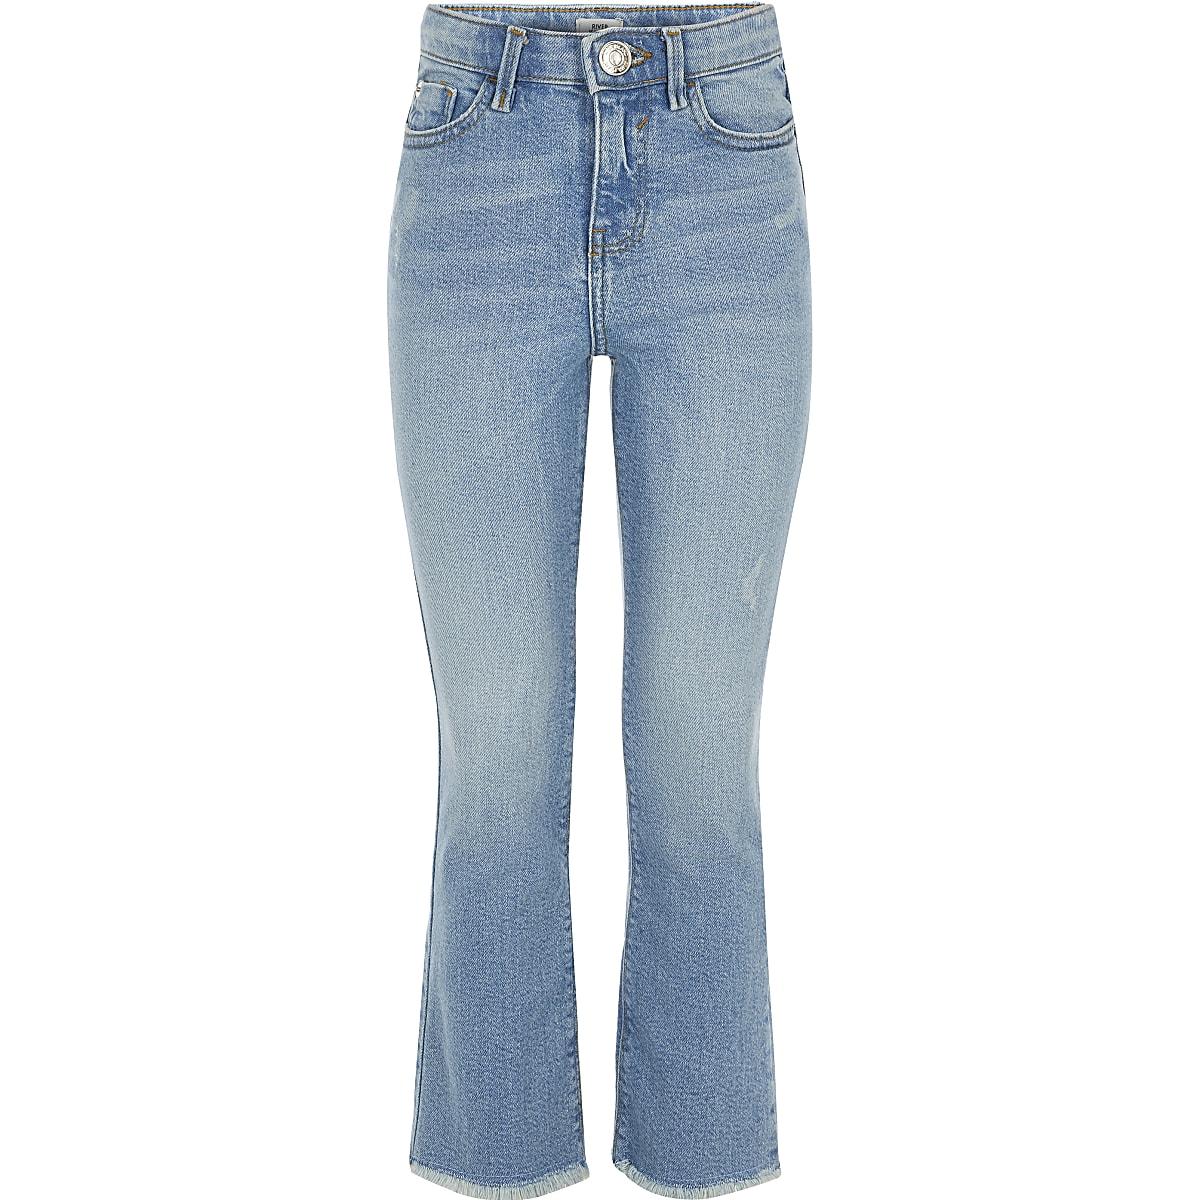 Girls light blue flare jeans